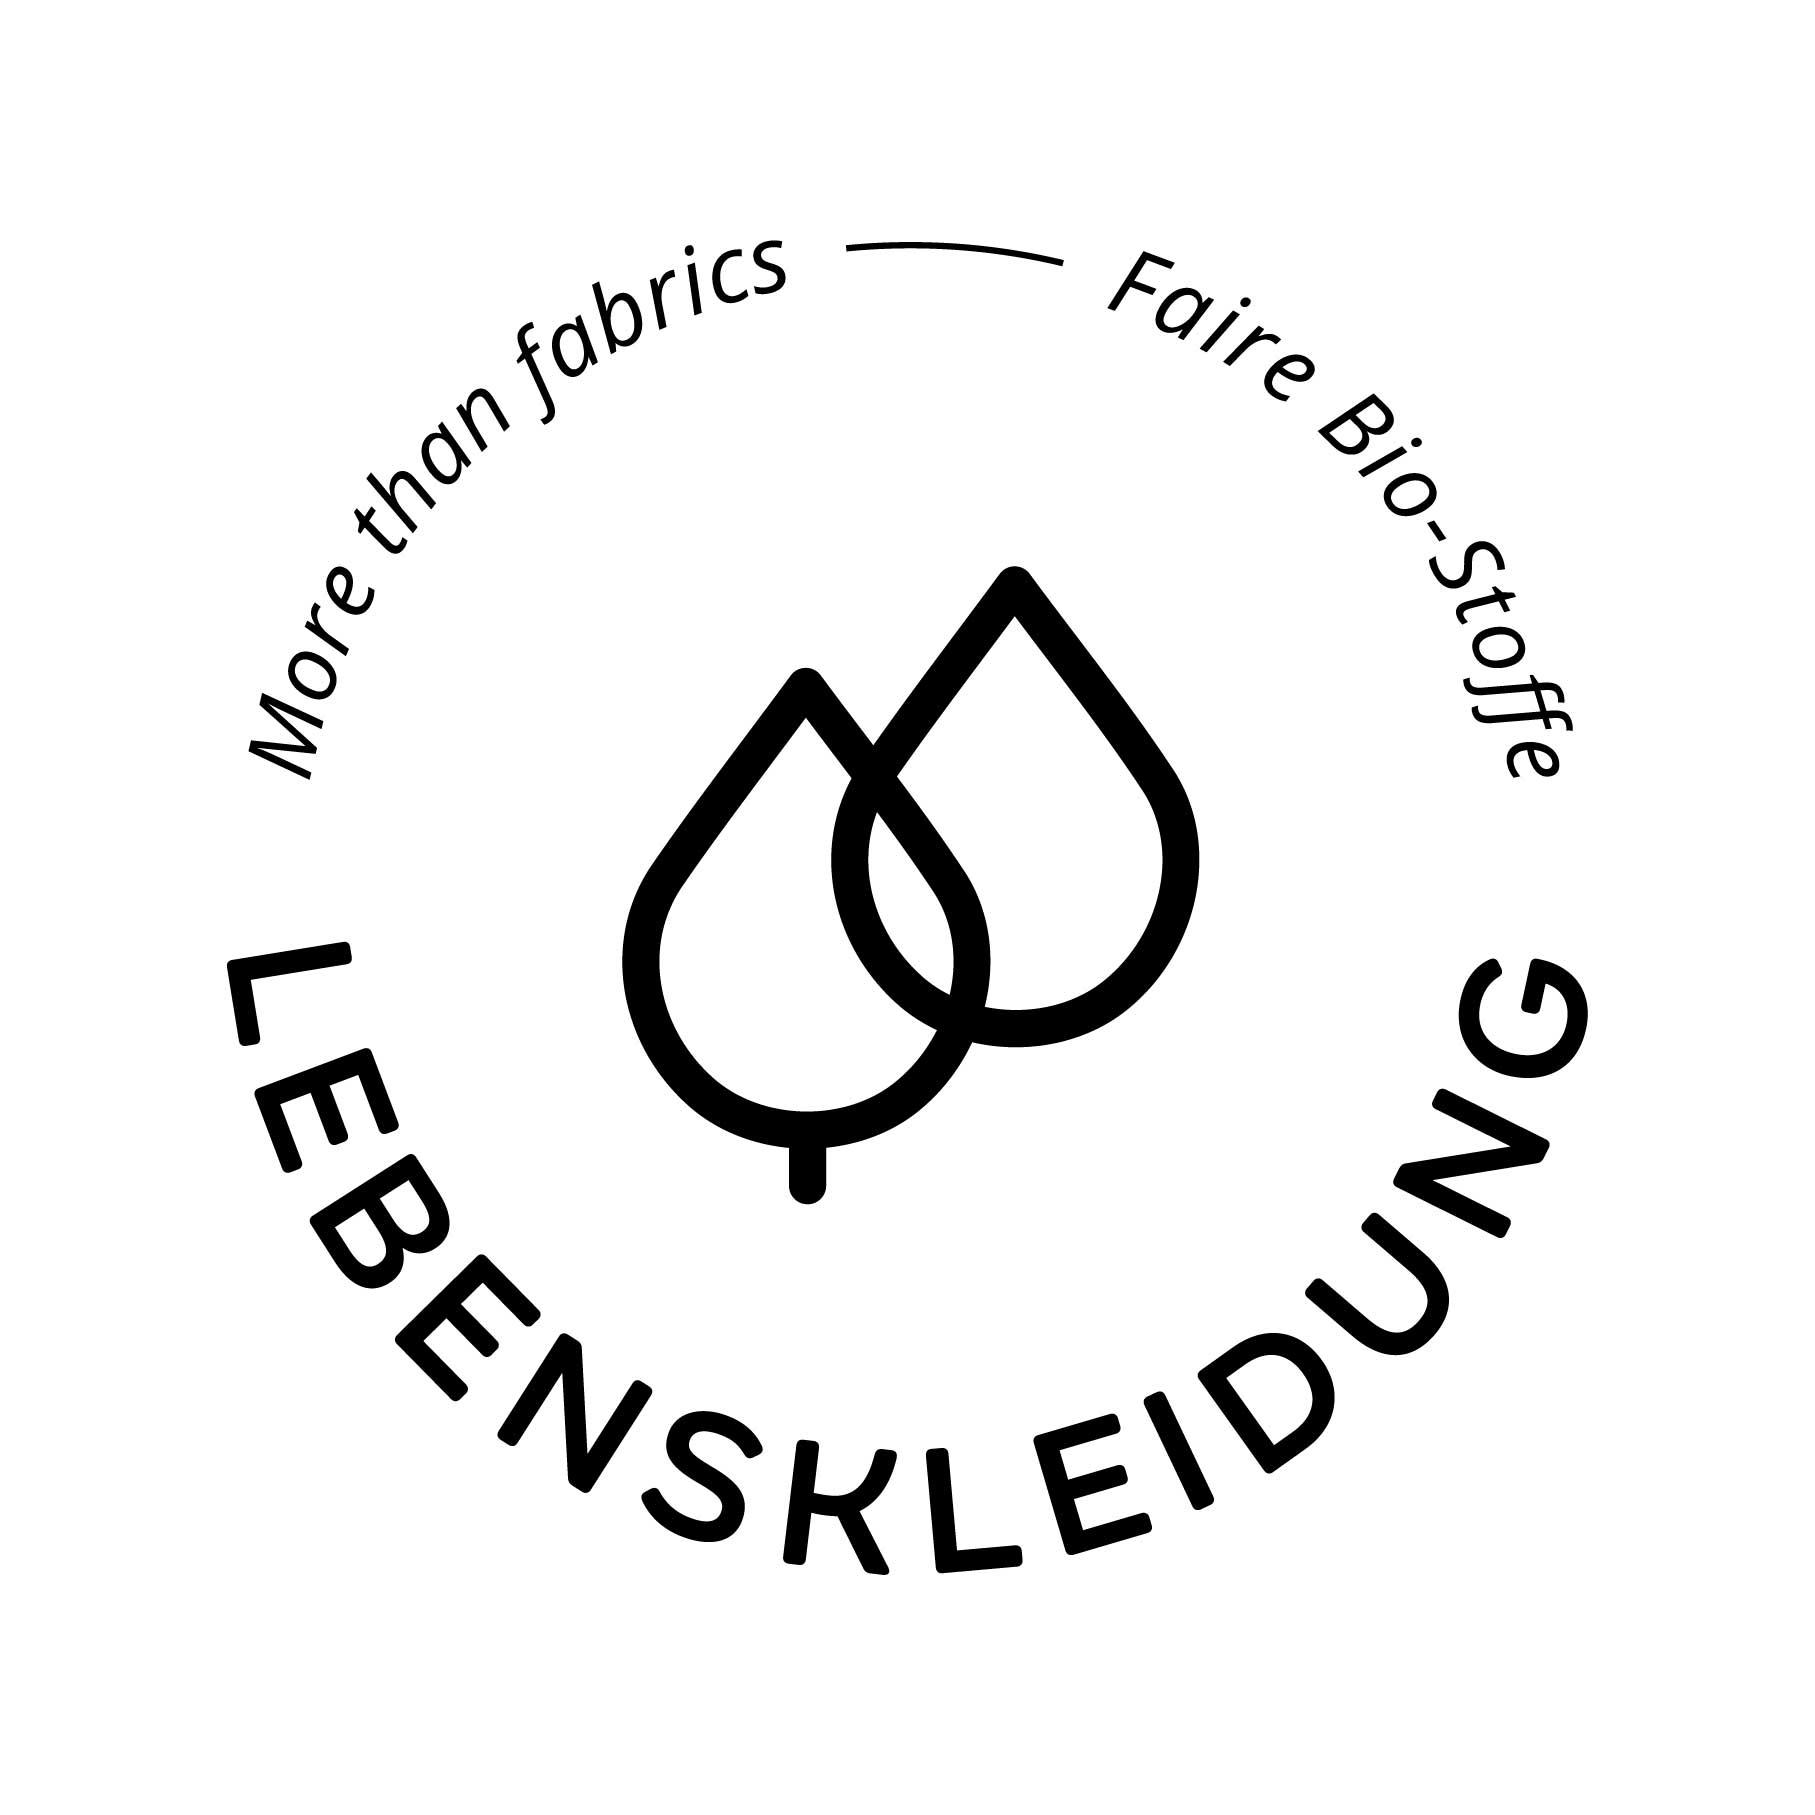 Bio Tessuto di RIB 2x1 (Polsino) - Grigio Screziato - luminoso